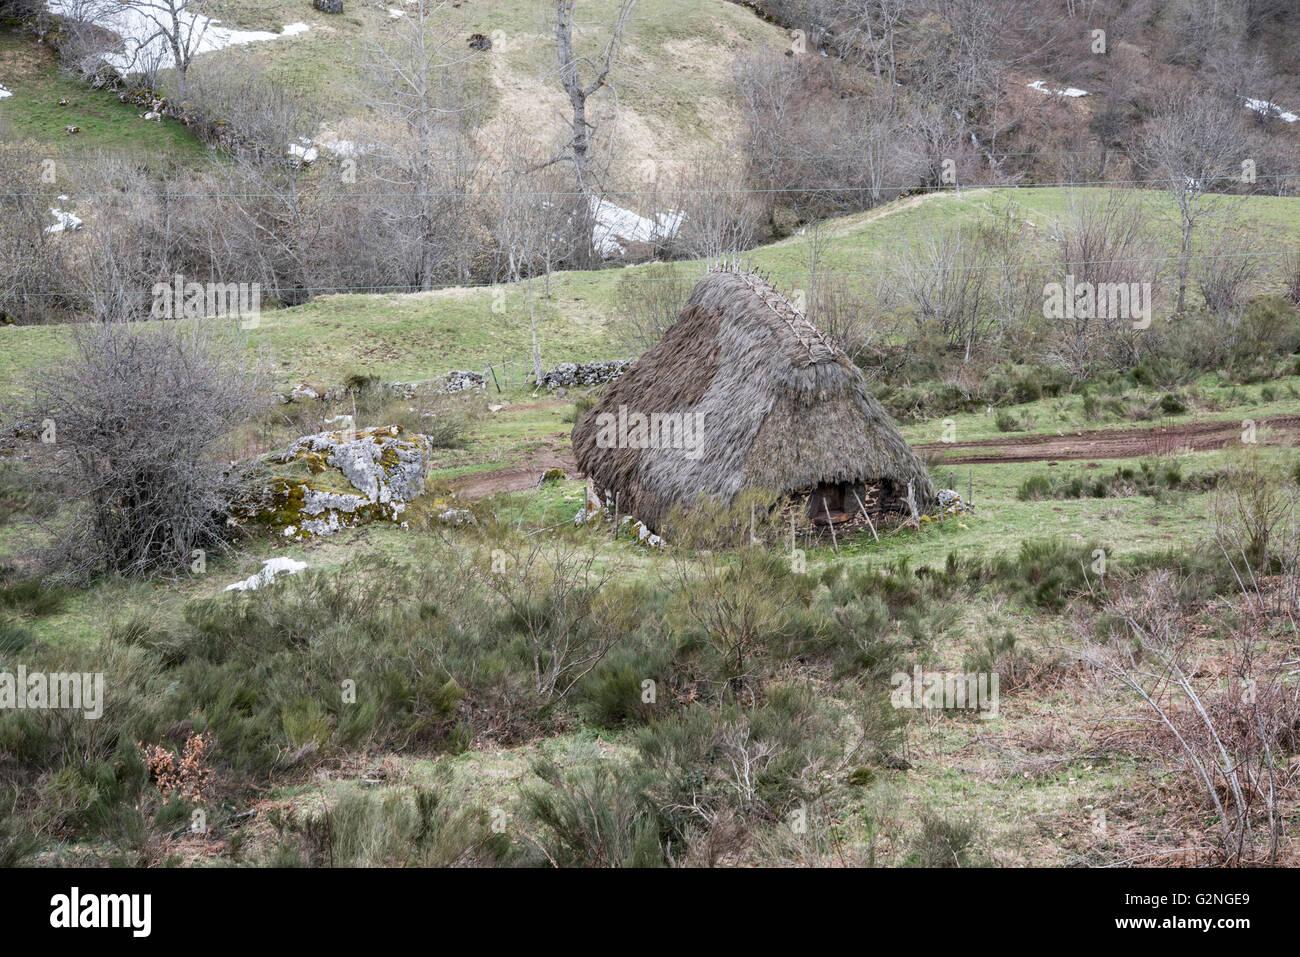 Teito, Arroyo de los Lagos, Parque Natural de  Somiedo, Asturias, Northern Spain. Stock Photo